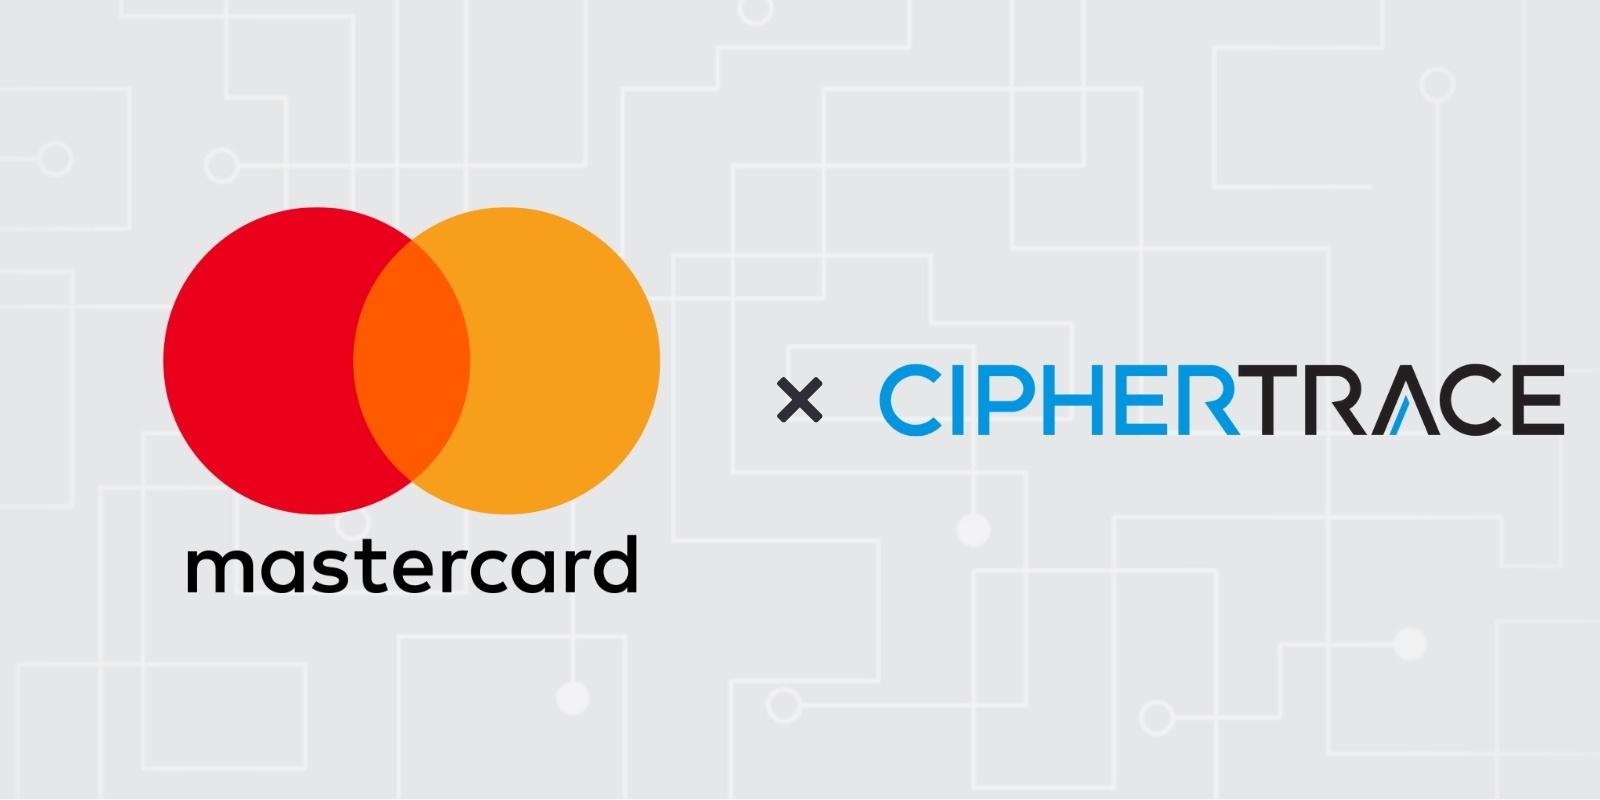 Mastercard fait l'acquisition de la firme d'analyse blockchain CipherTrace pour renforcer sa présence dans les crypto-actifs